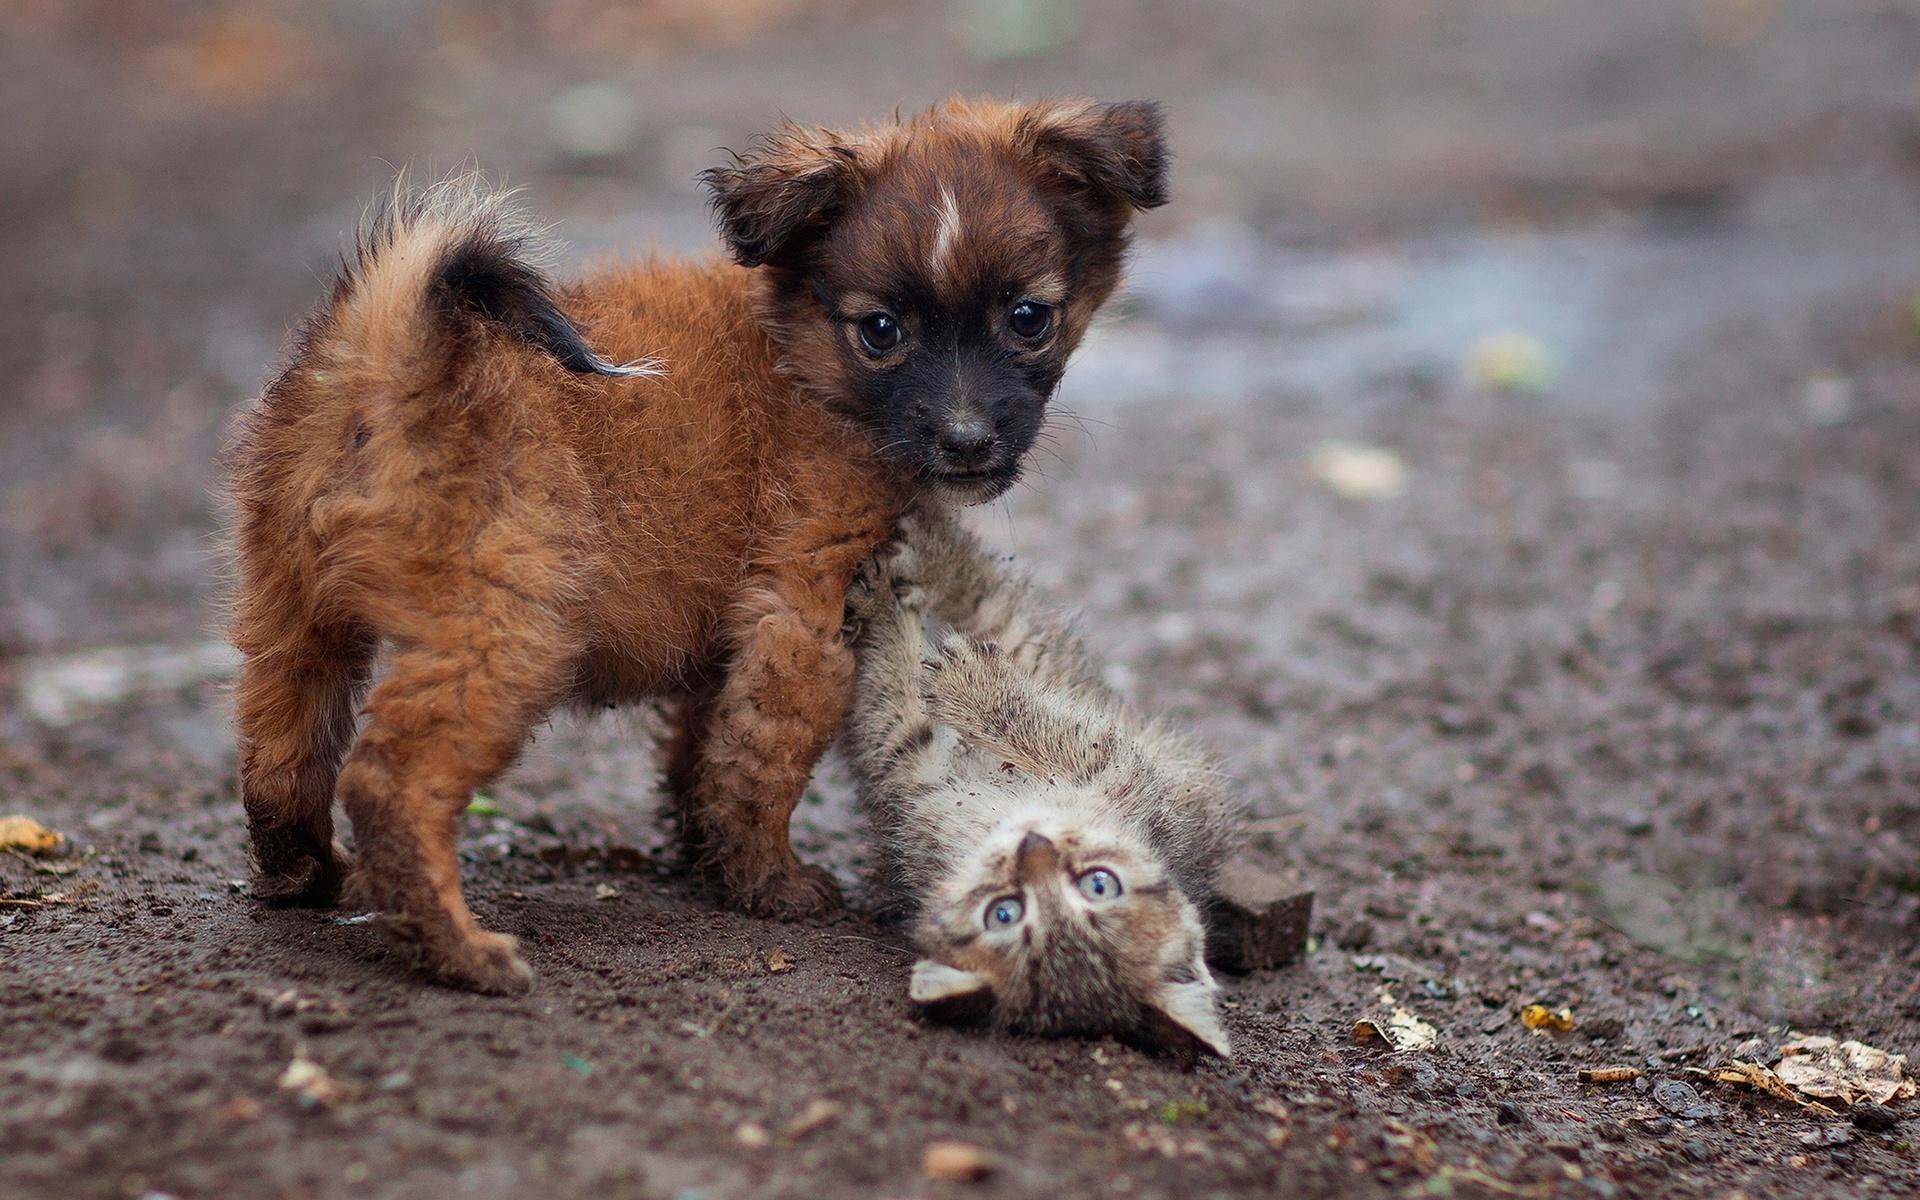 животные, котёнок, щенок, детёныши, парочка, игра